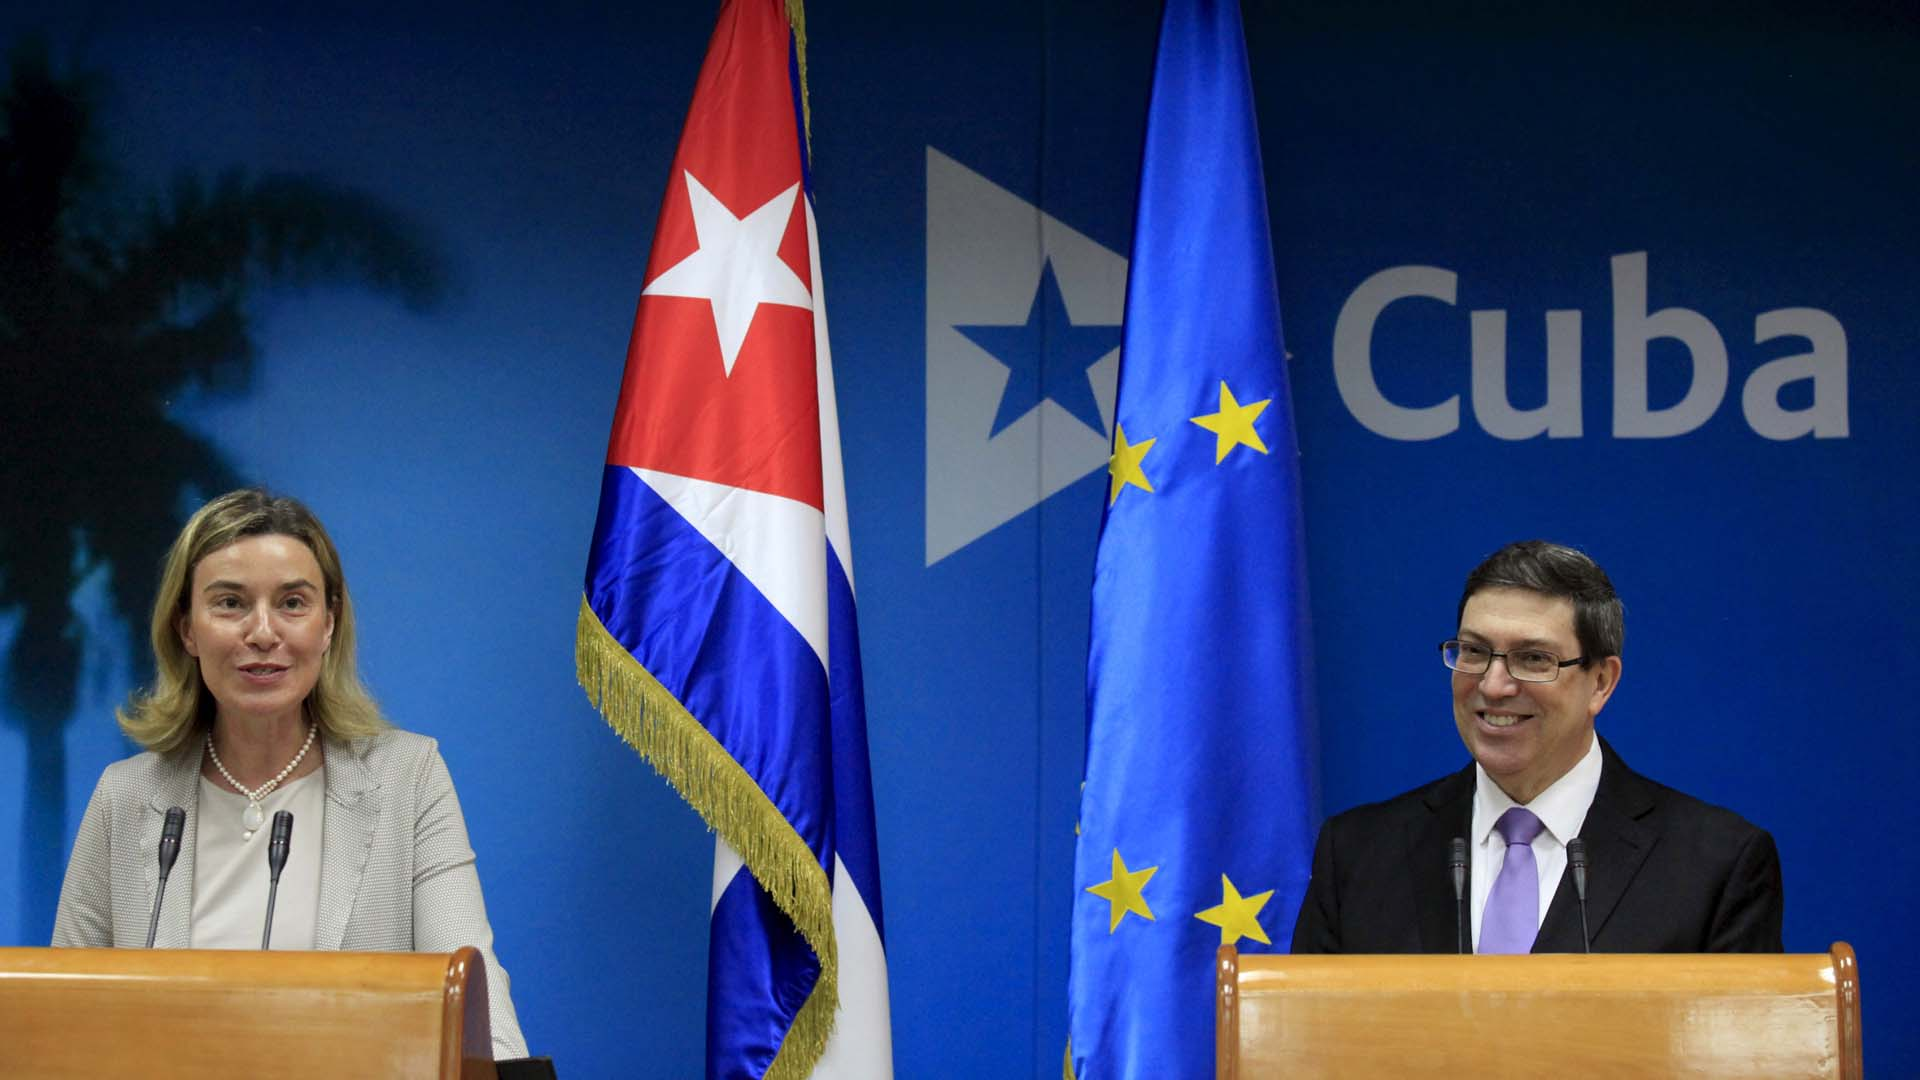 Los derechos humanos en la isla habrían complicado más no detenido las negociaciones